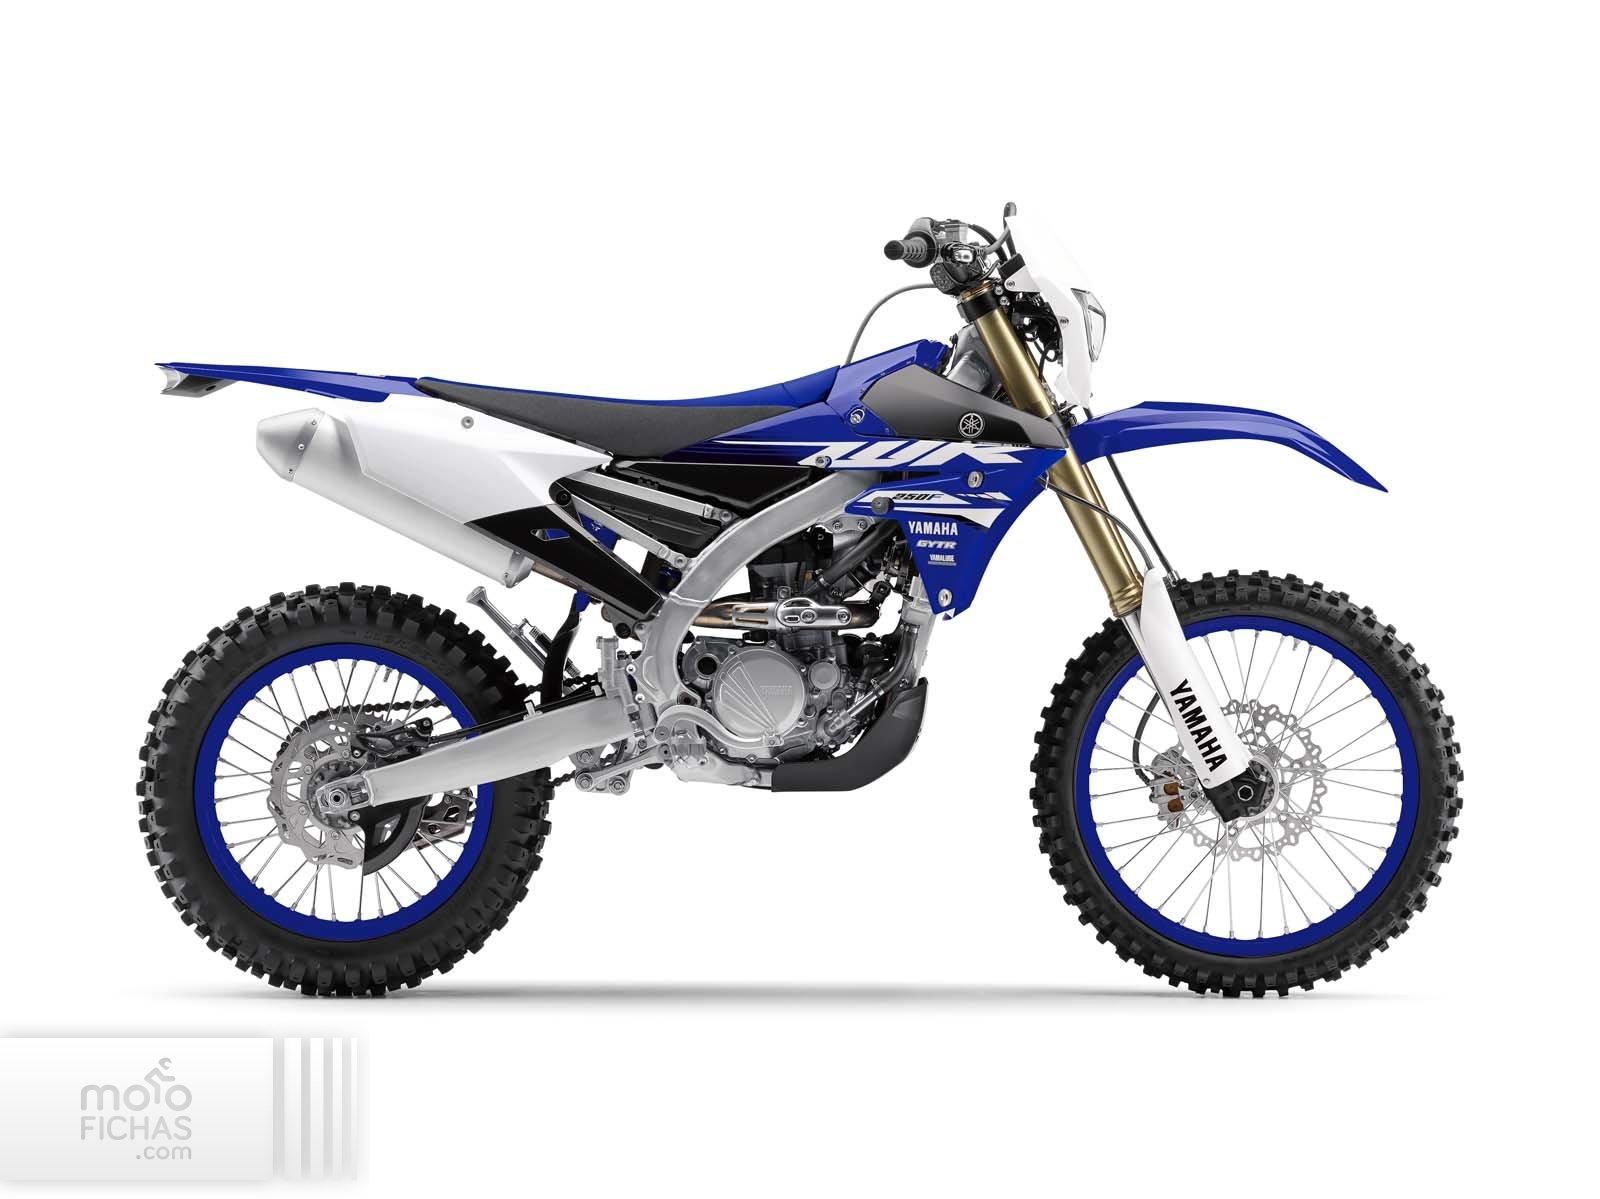 Yamaha Wr250f 2018 Precio Ficha Opiniones Y Ofertas